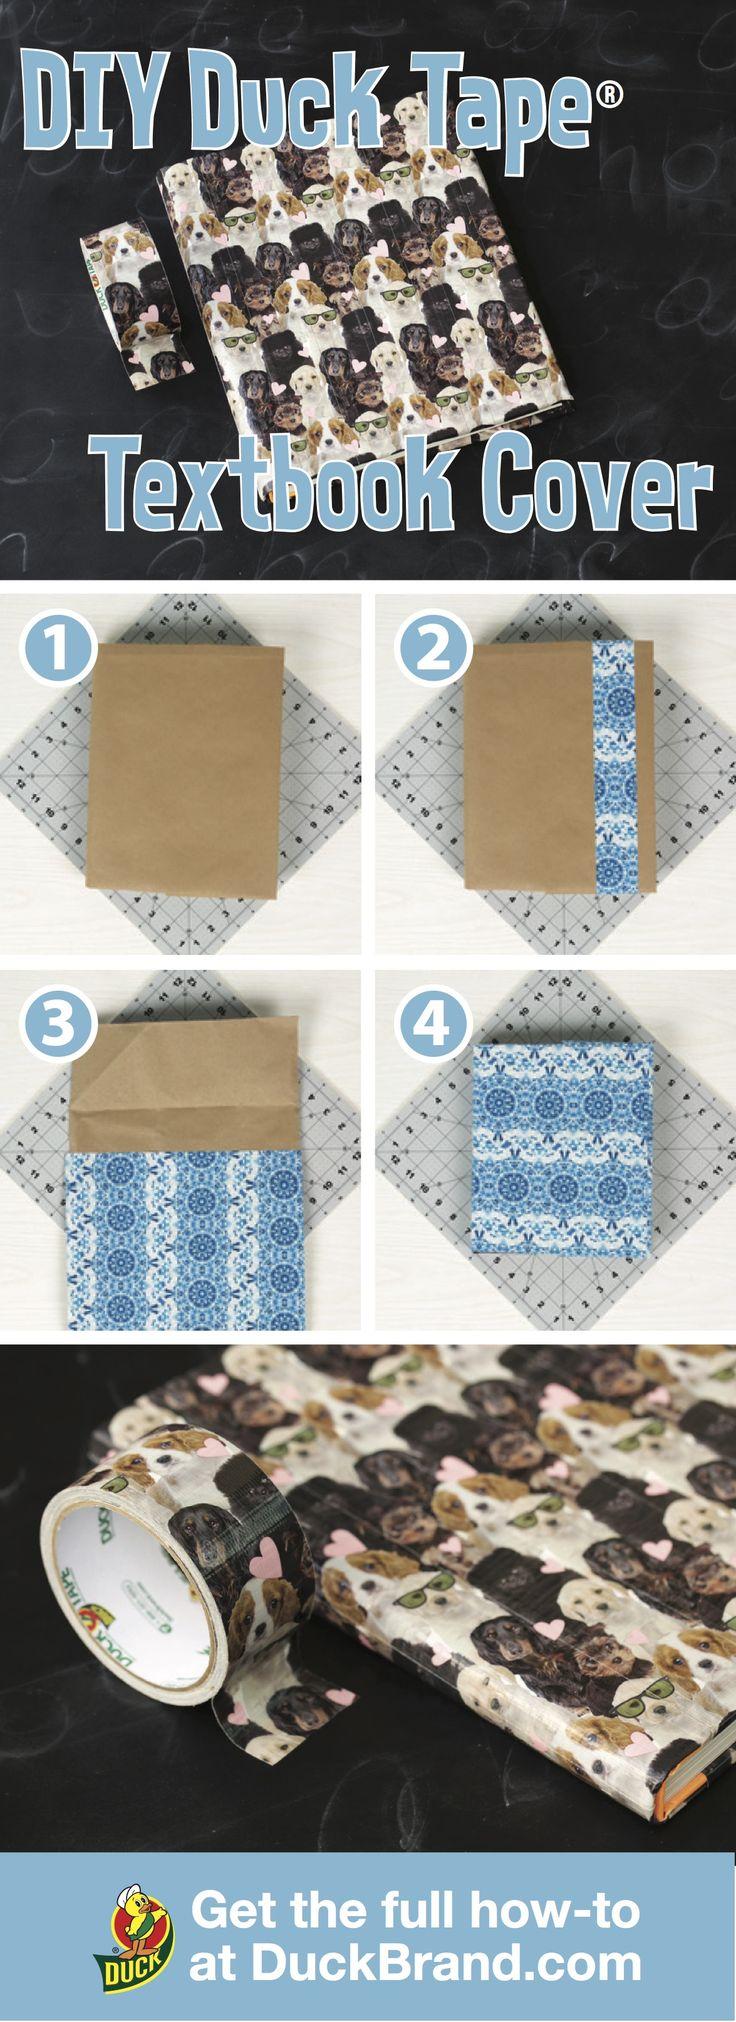 Erfahren Sie, wie Sie DIY-Lehrbuchumschläge mit Klebeband herstellen.   – School | Duct Tape Crafts